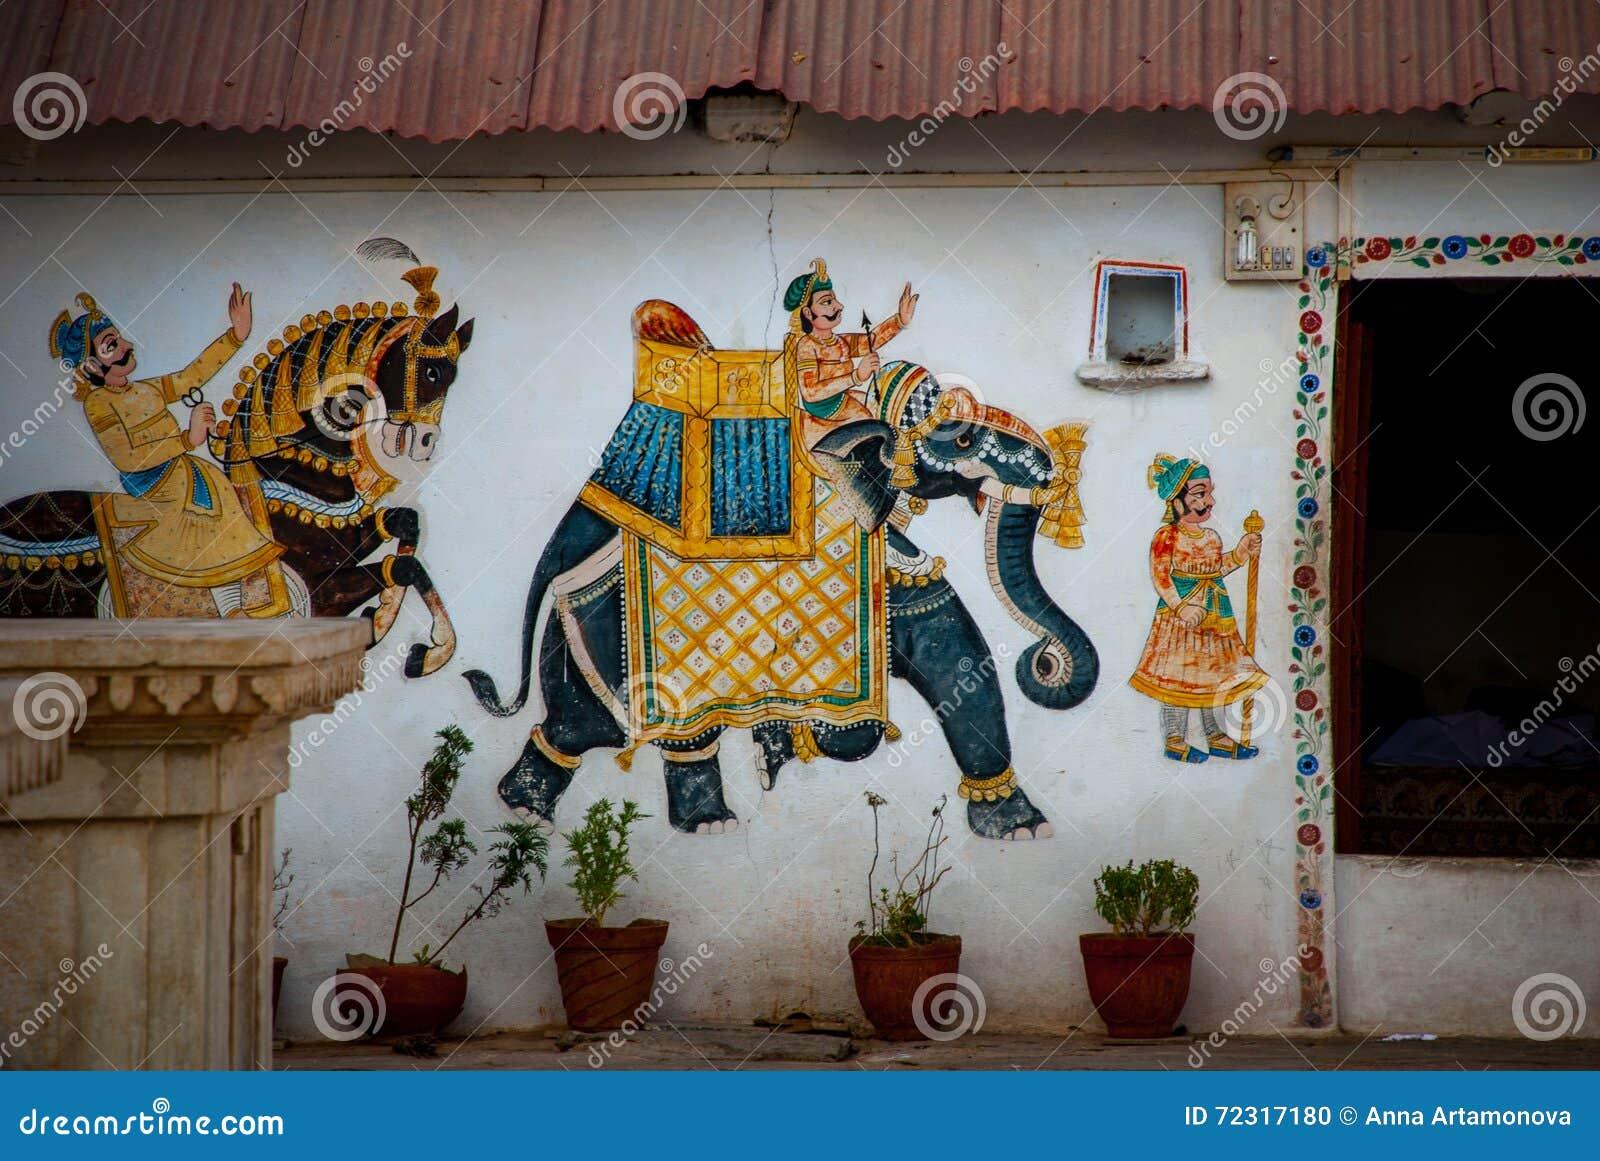 Bügel Udaipur, Indien Fragmente von Wänden Elefant